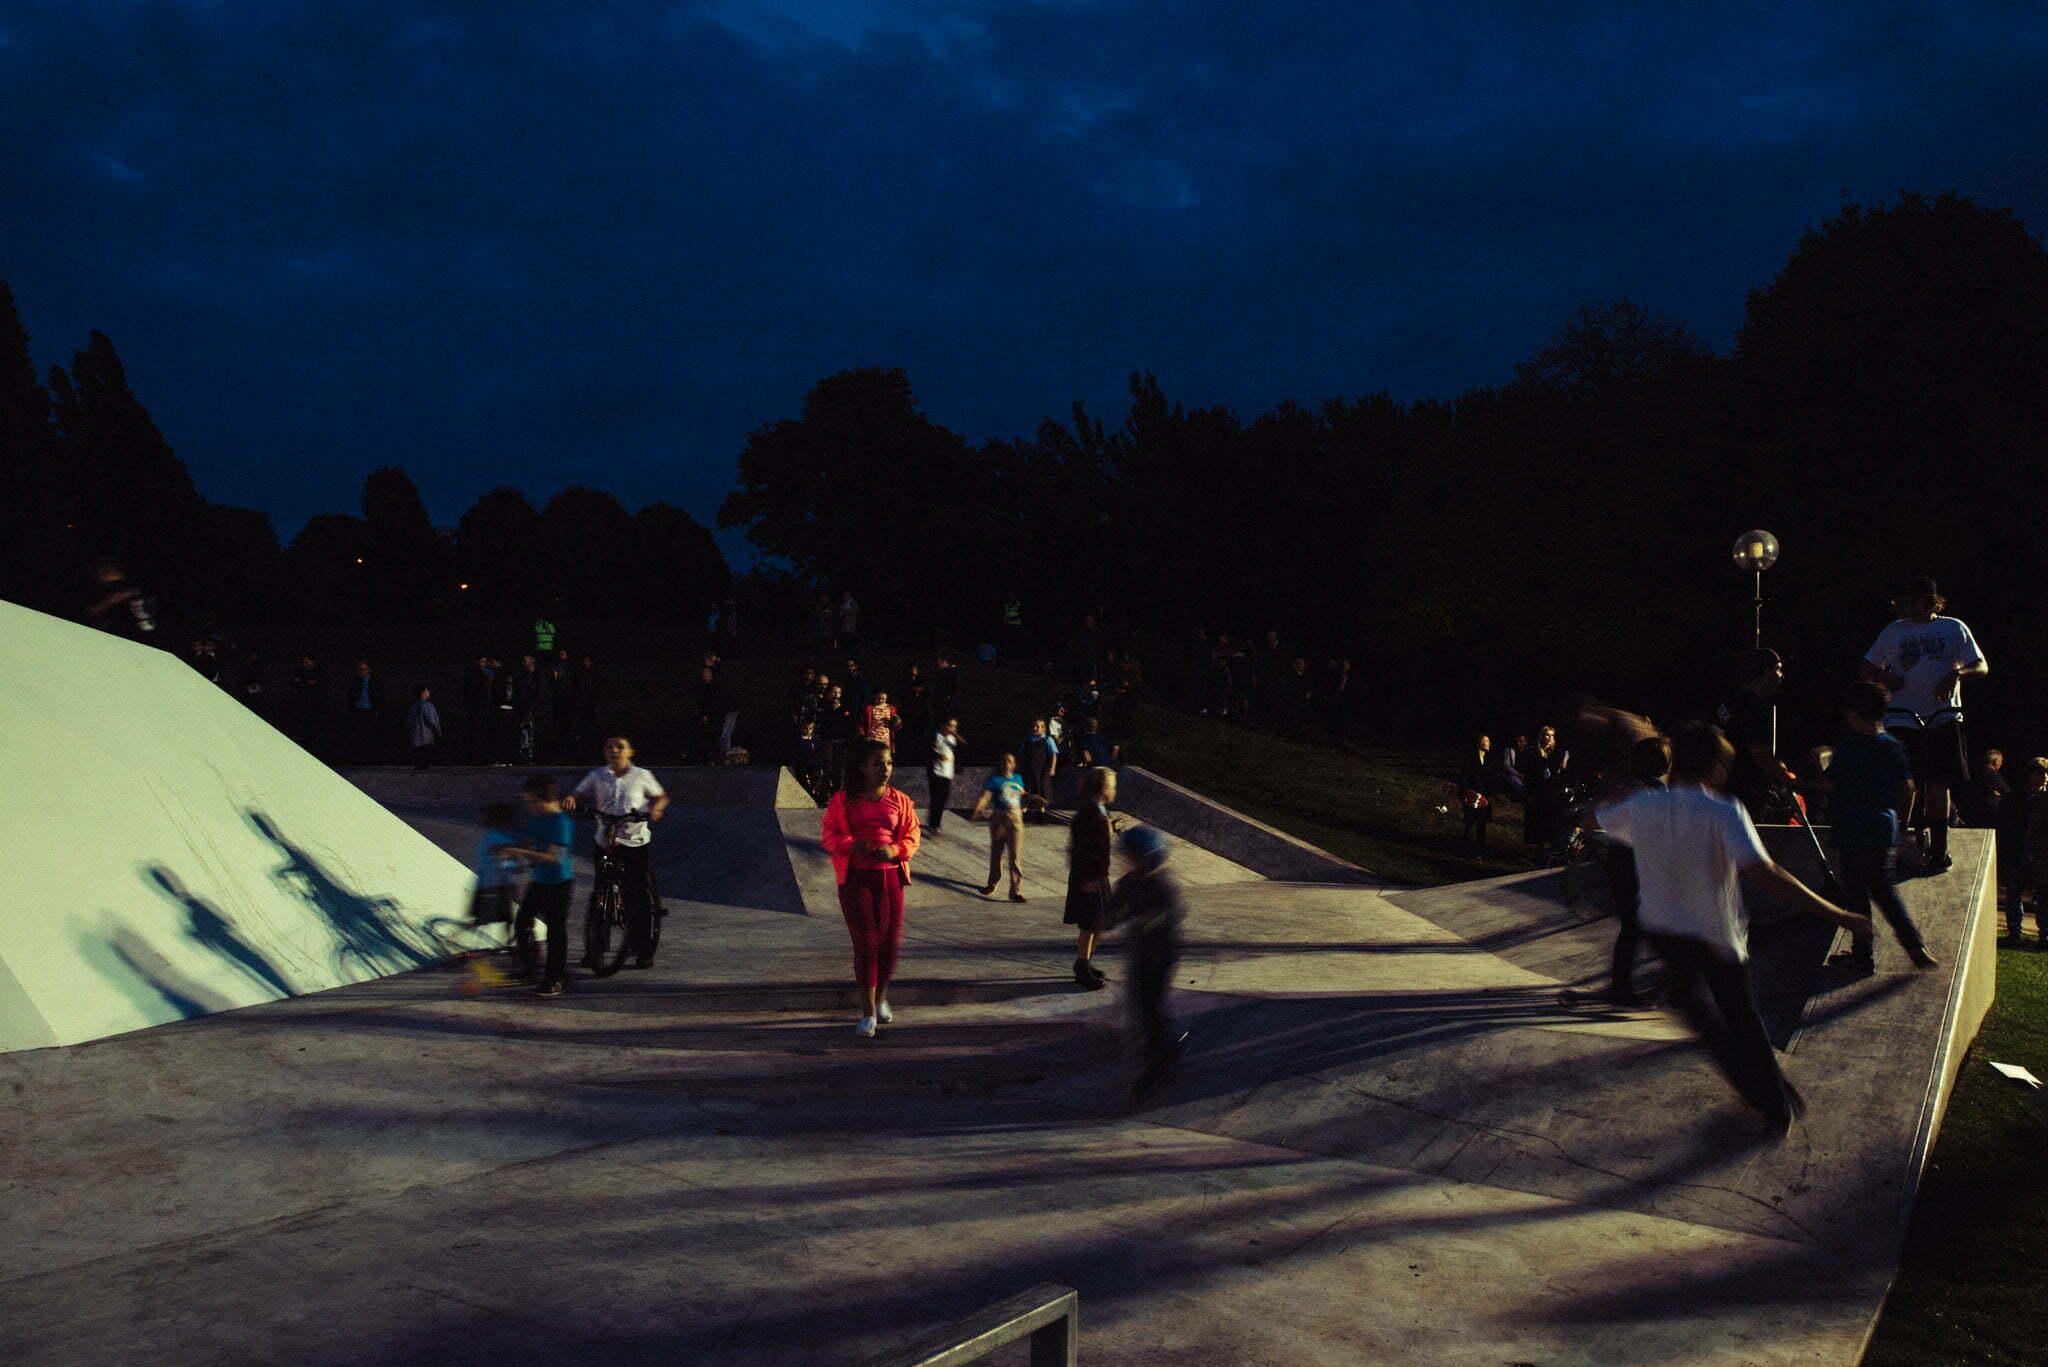 biennial-evertro-skatepark-6269-pete-carr